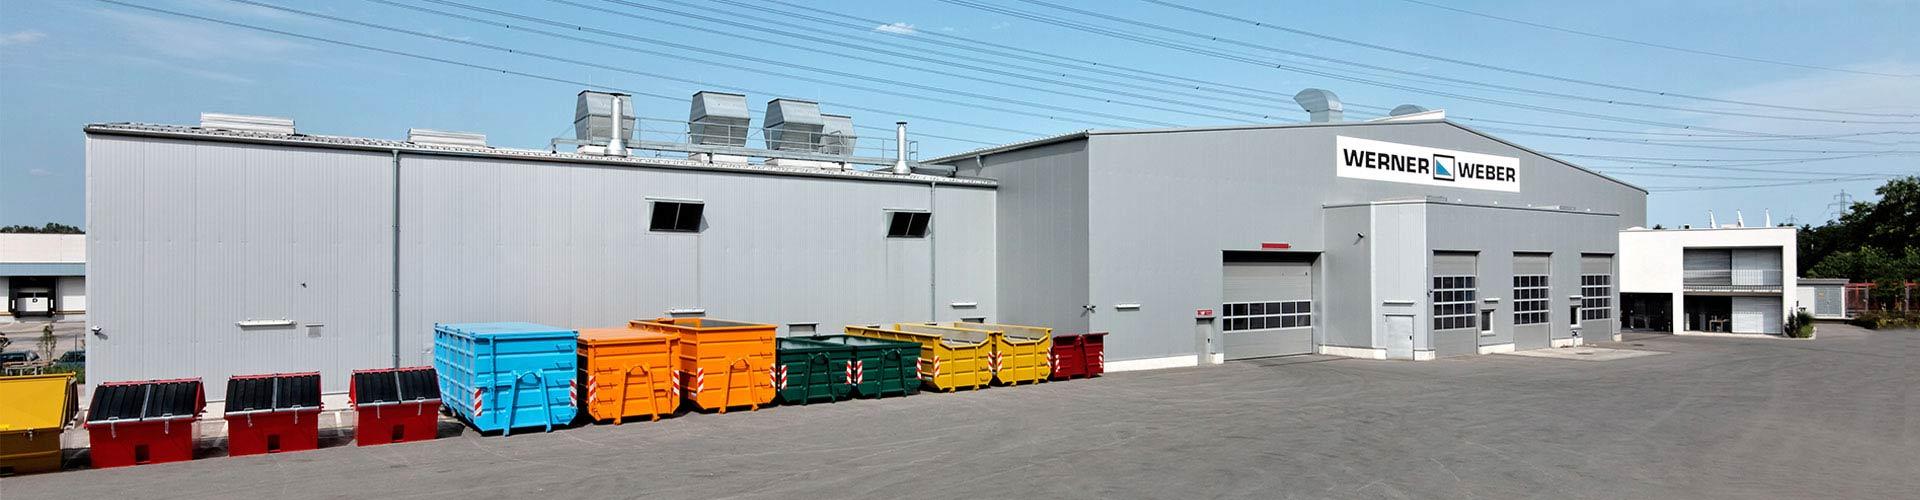 Werner & Weber entwickelt und produziert innovative Produkte zur Abfallsammlung, Entsorgungsanlagen und Mülltransferstationen. Entwicklung und Produktion von Produkten zur Abfallsammlung sowie Projektierung von und Handel mit Entsorgungsanlagen und Mülltransferstationen